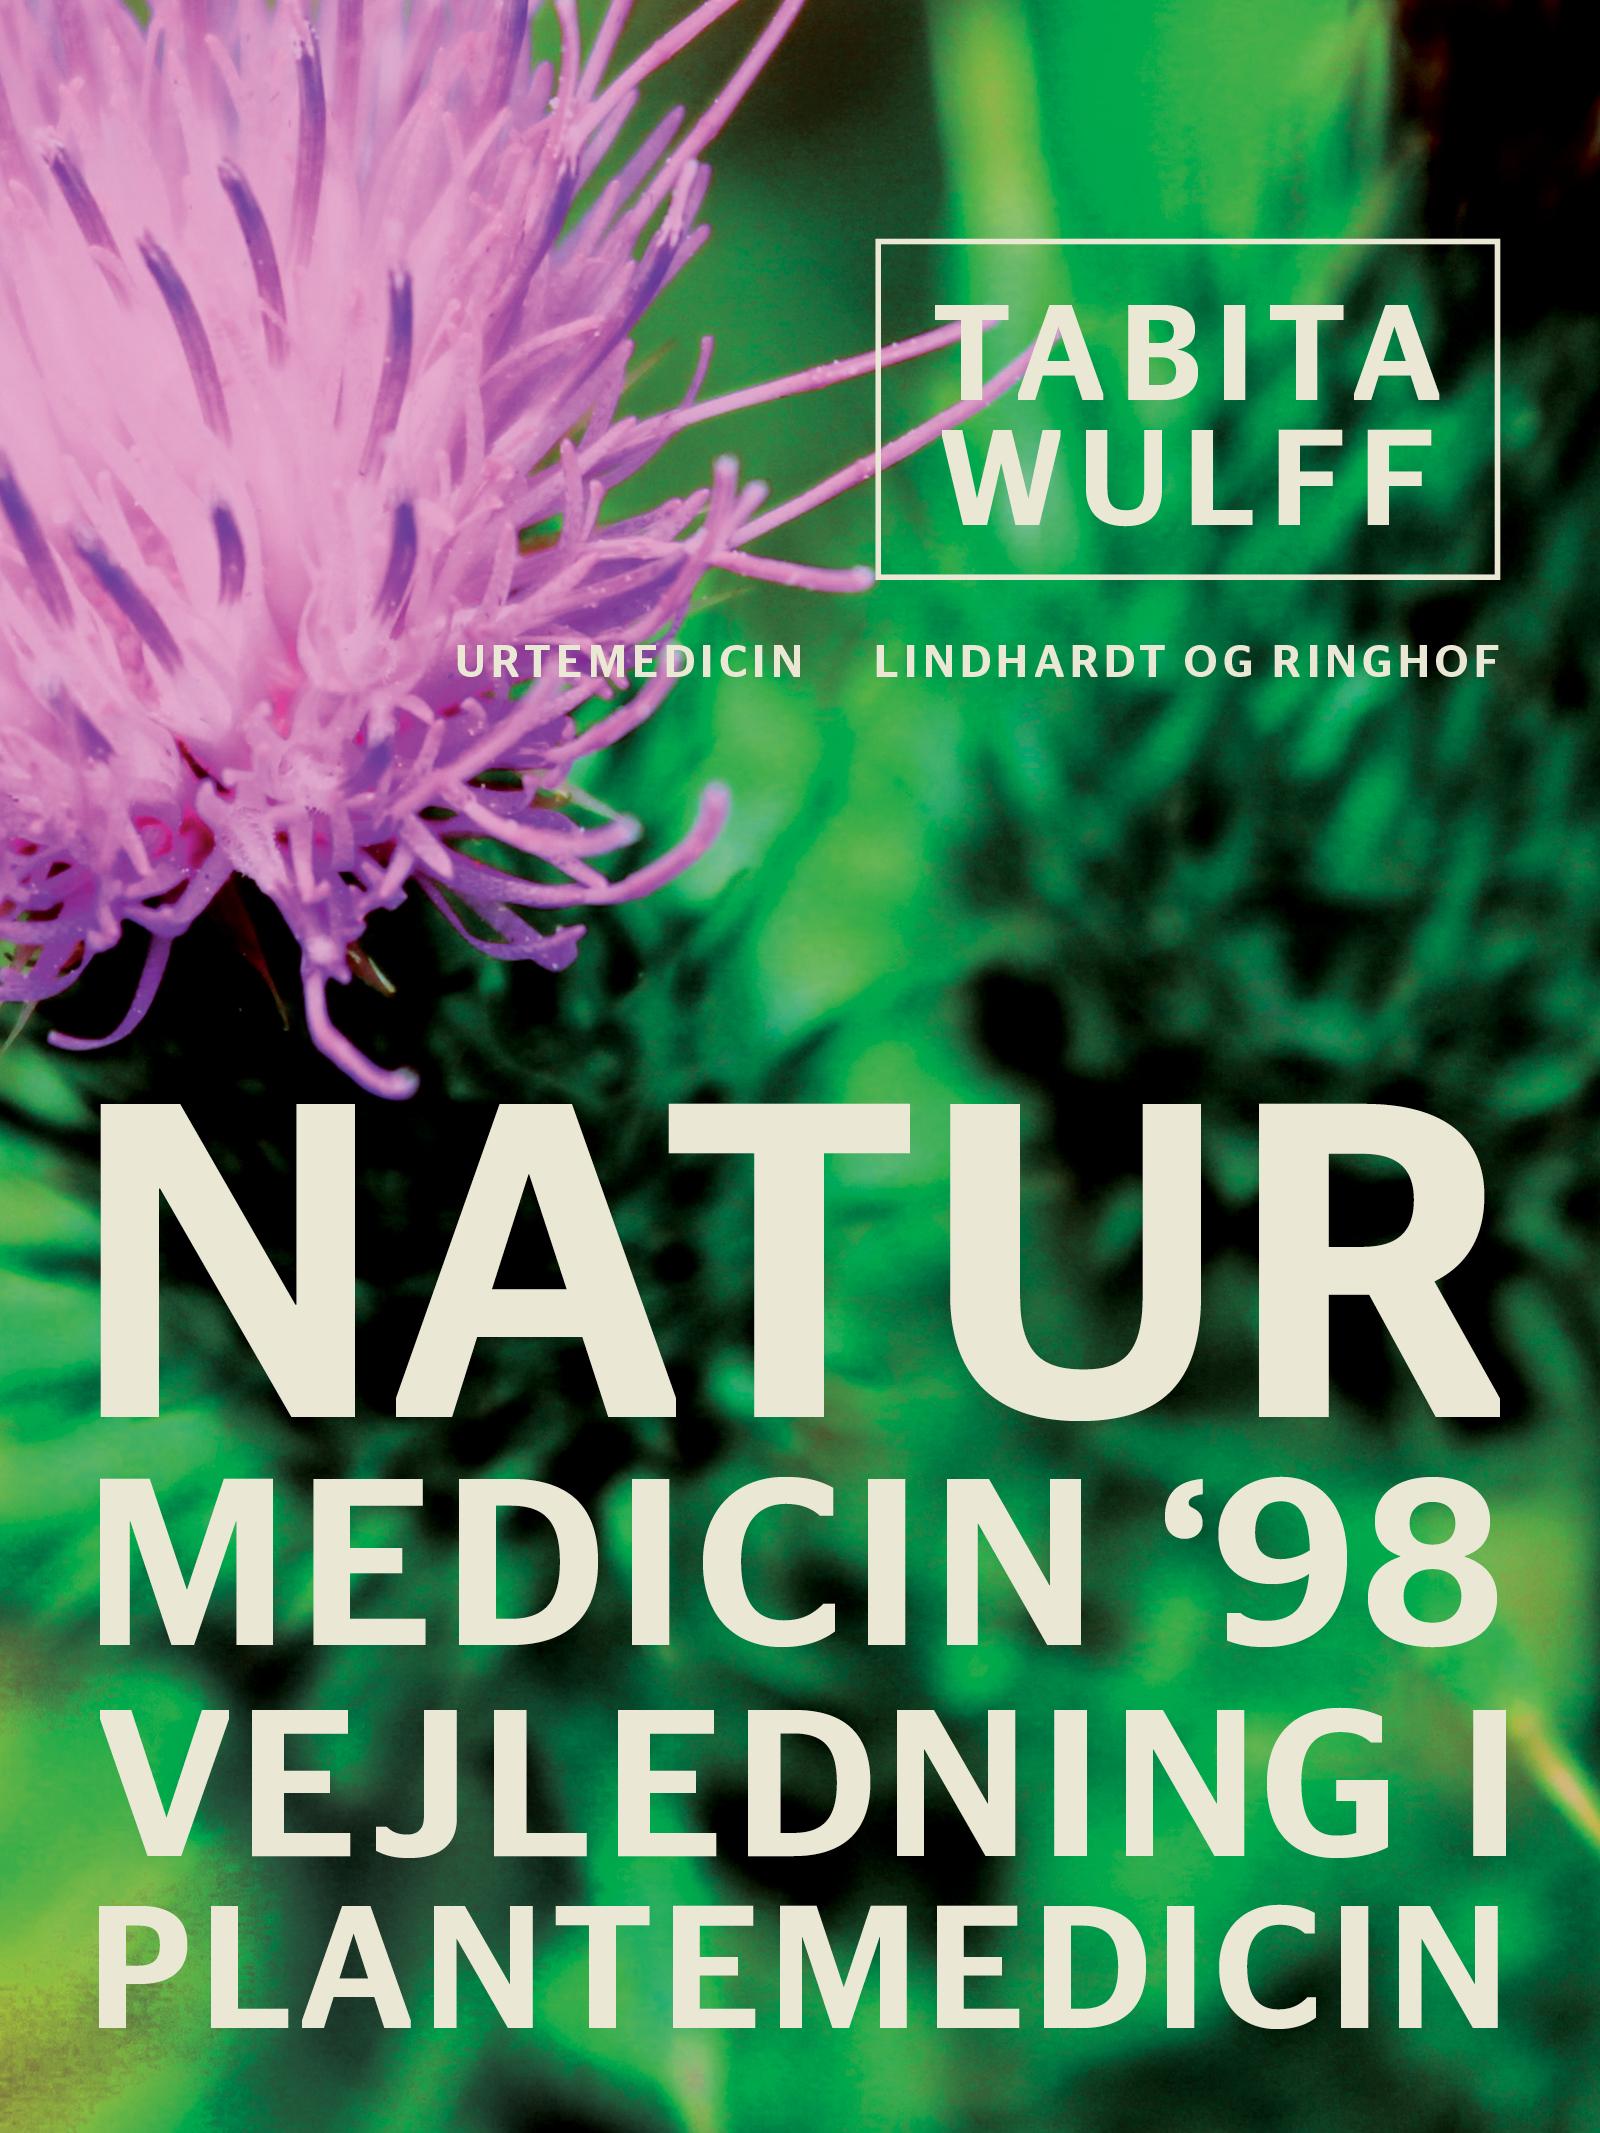 Naturmedicin  98: vejledning i plantemedicin - e-bog fra N/A fra bog & mystik